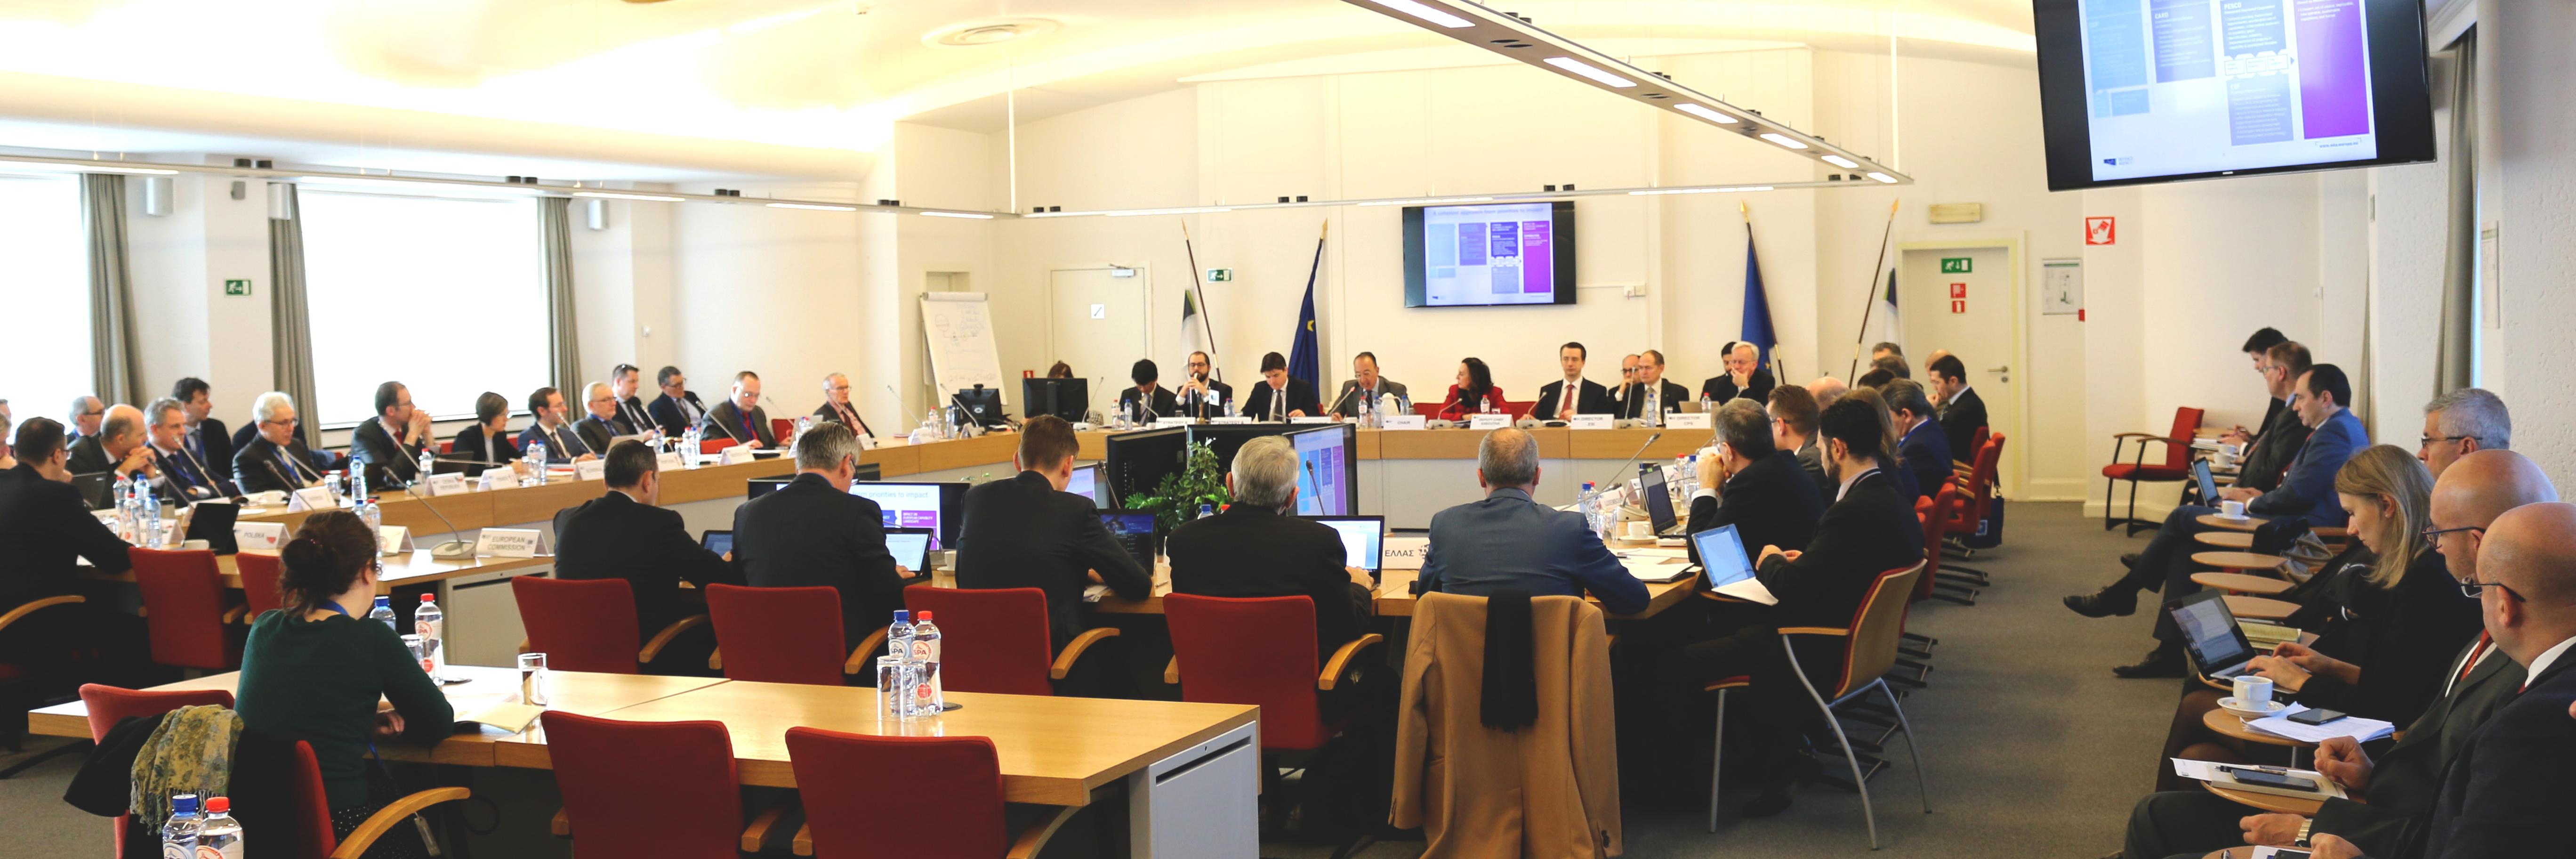 R&T Steering Board meeting focused on OSRA